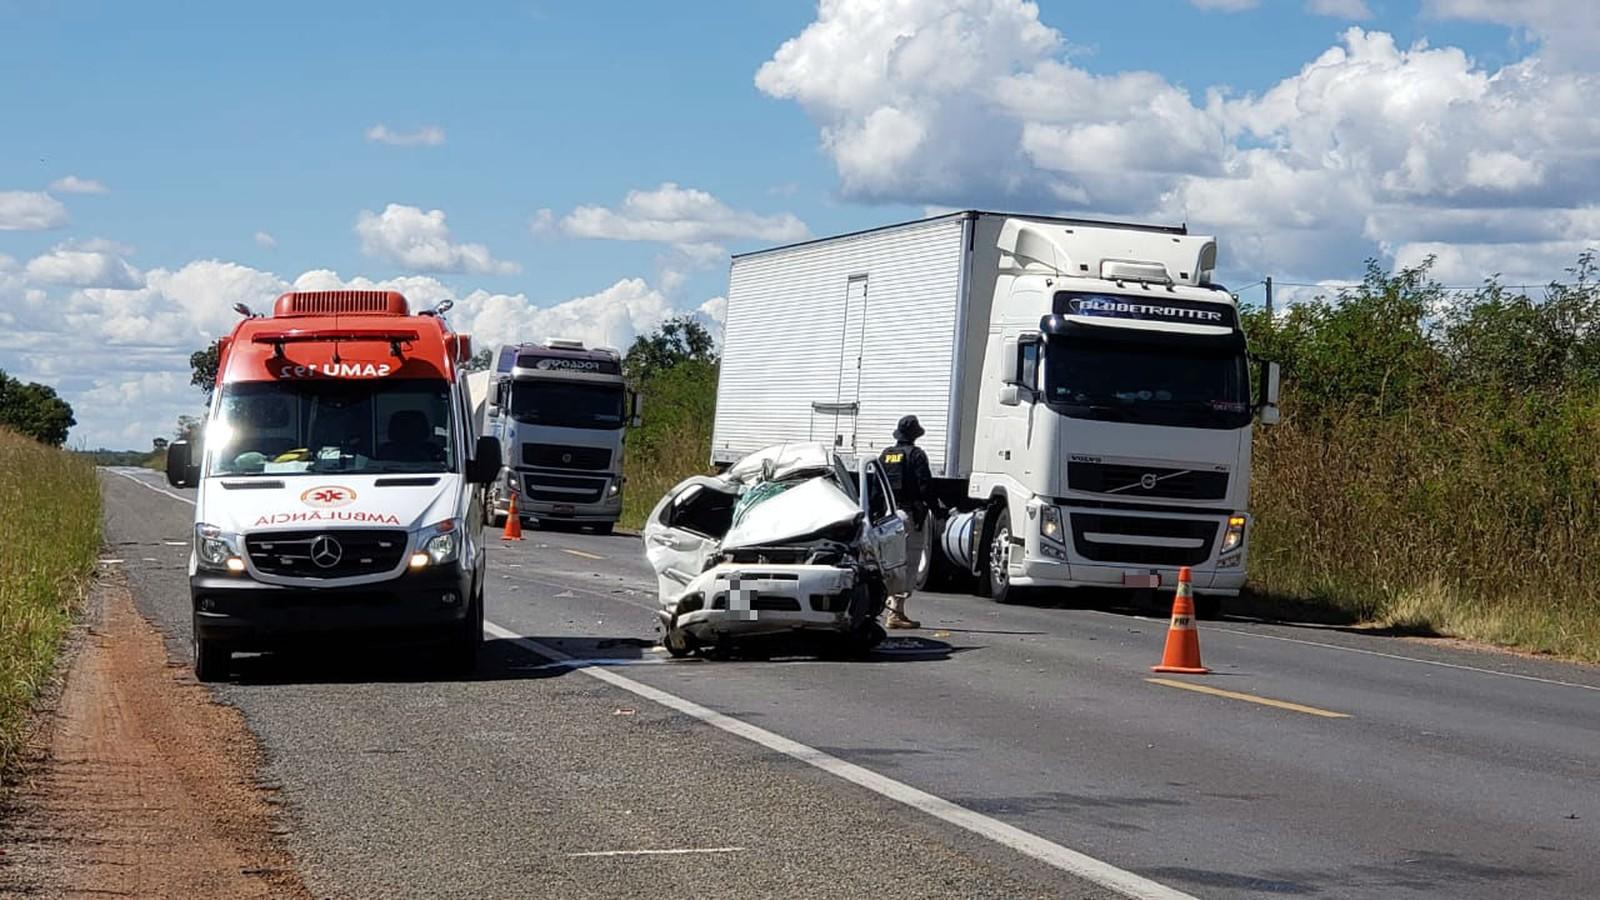 Homem morre após carro bater de frente com carreta no oeste da Bahia